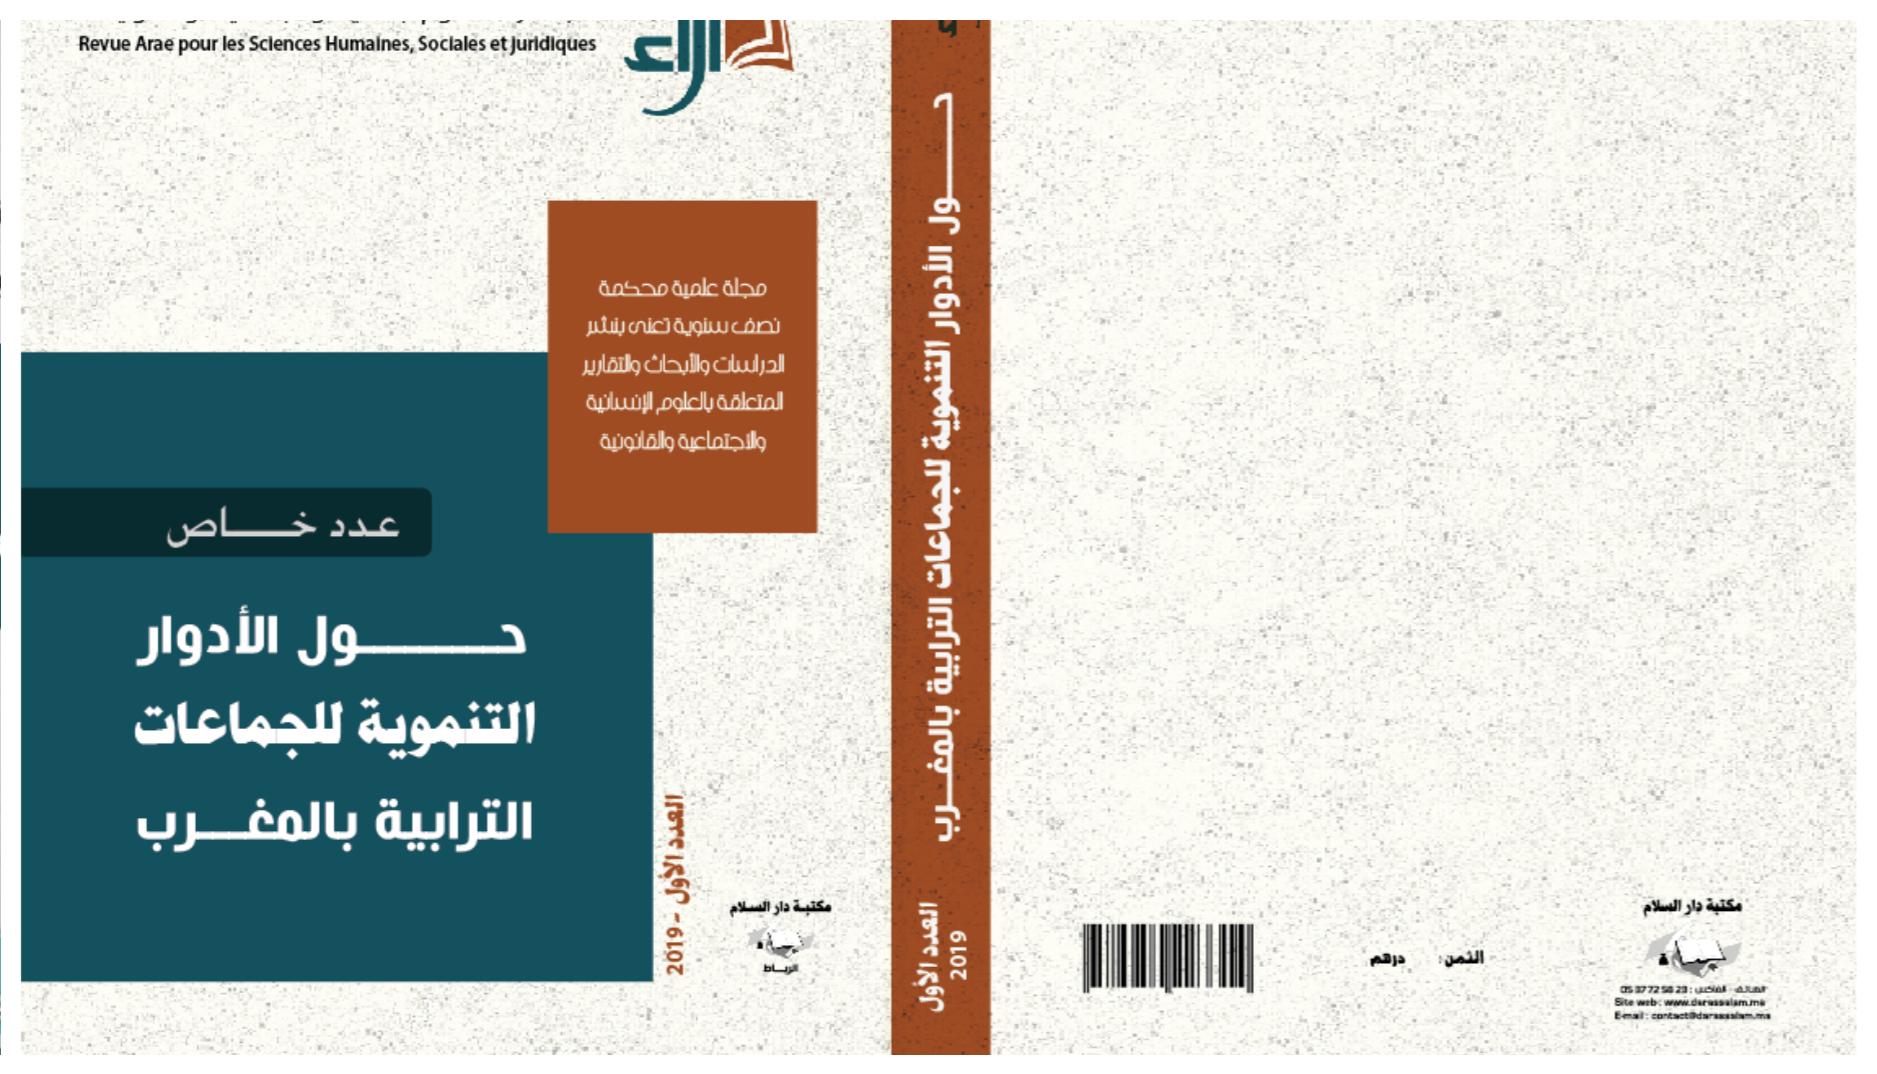 """إصدار علمي جديد بإقليم الناظور""""مجلة اراء للعلوم الإنسانية والاجتماعية والقانونية"""